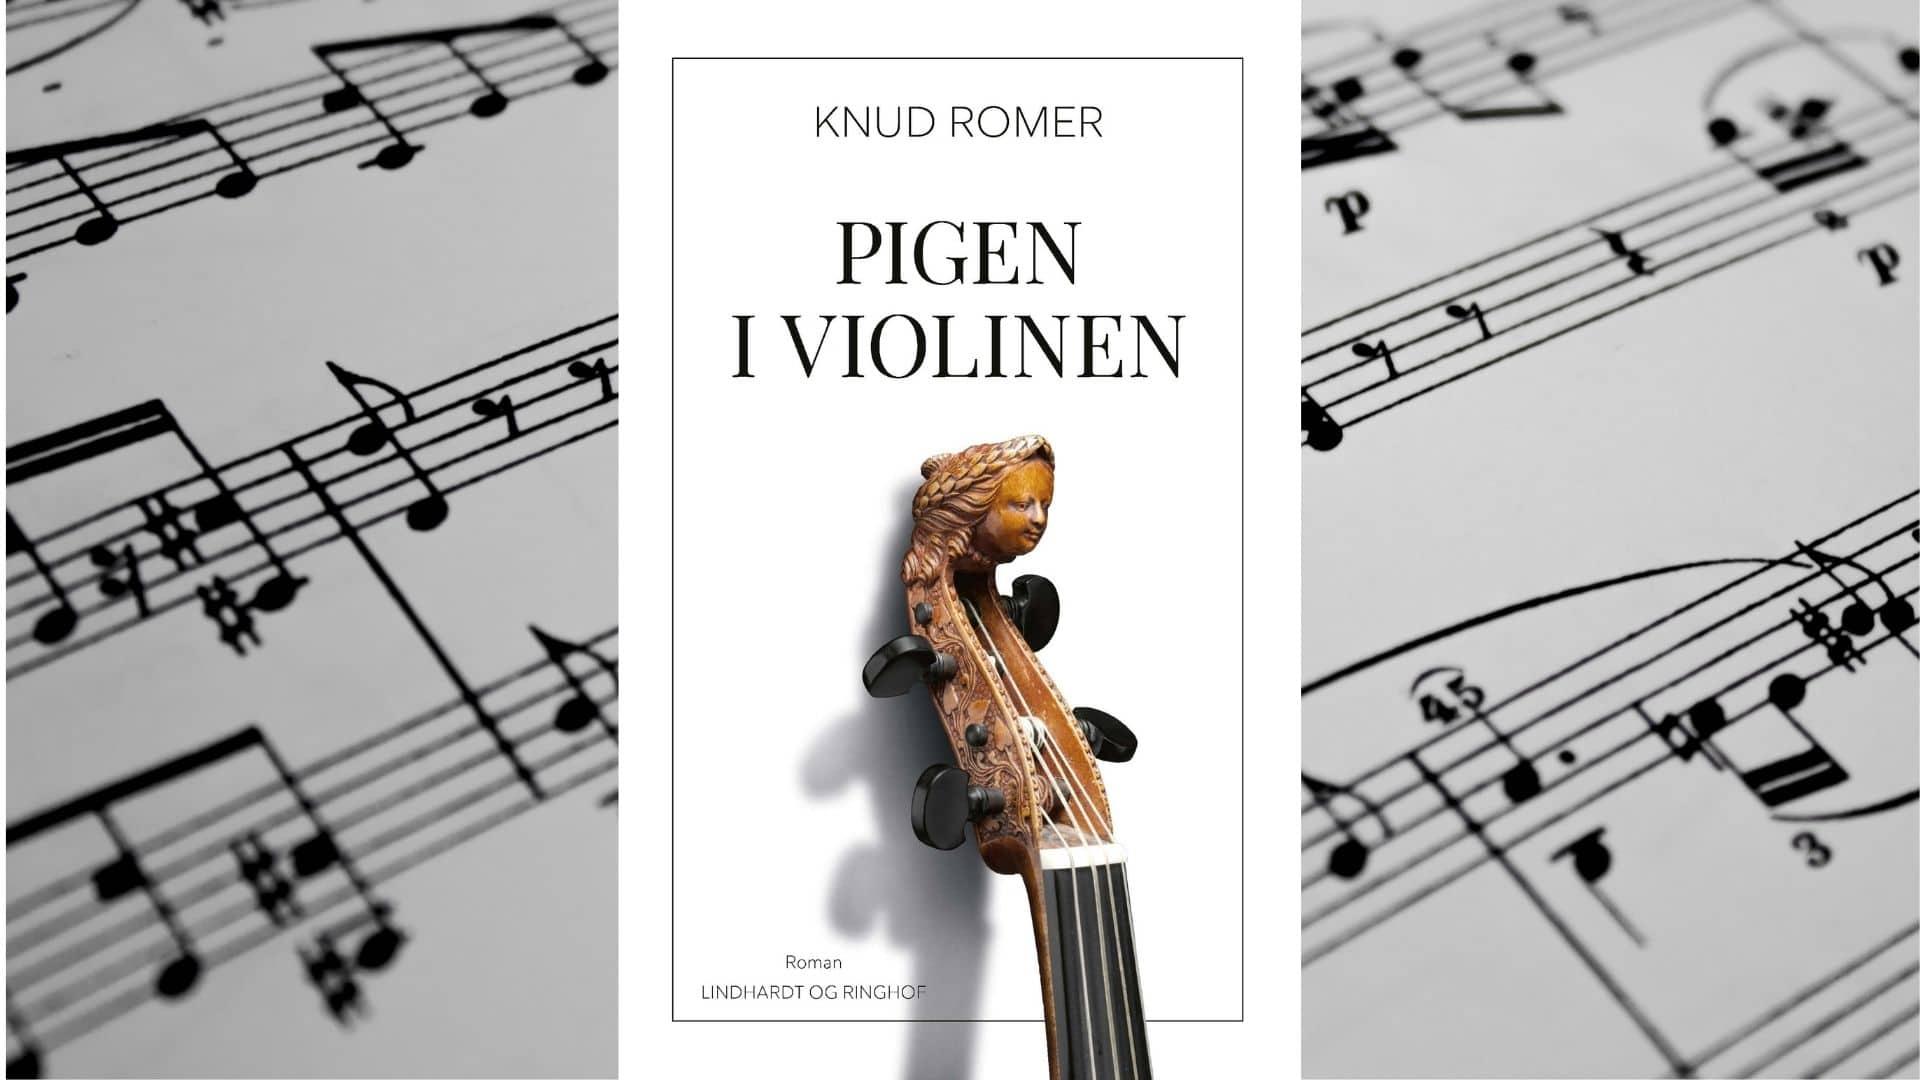 knud romer, pigen i violinen, gode boger, danske romaner